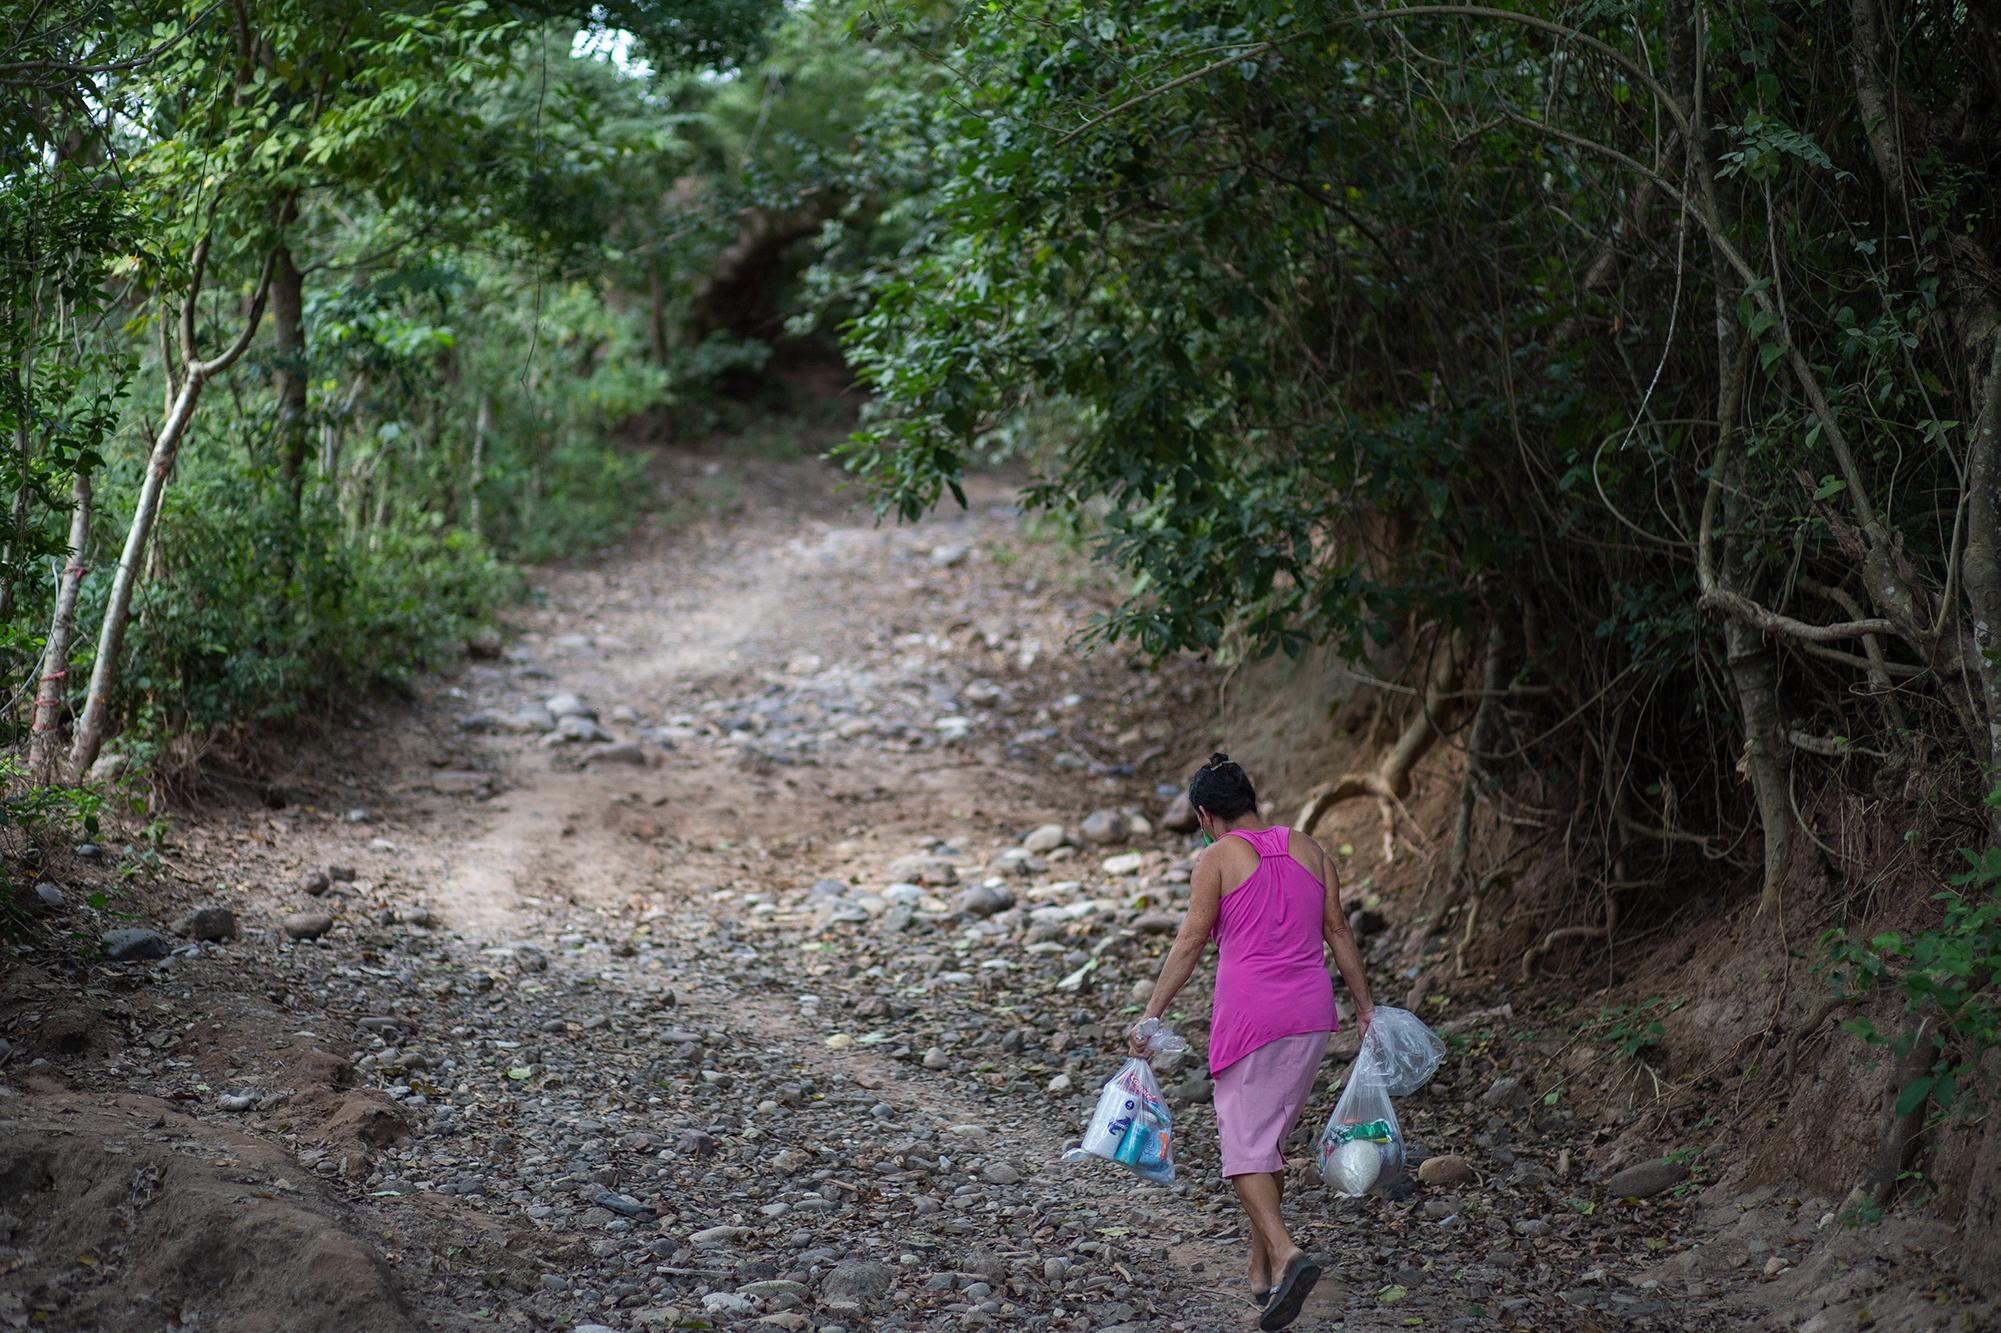 Una mujer regresa a su hogar con dos bolsas de ayuda que el Movimiento Ambientalista Santabarbarense ha llevado hasta la comunidad de la Isla Colina. Santa Bárbara, 25 de enero de 2021. Foto: Martín Cálix.